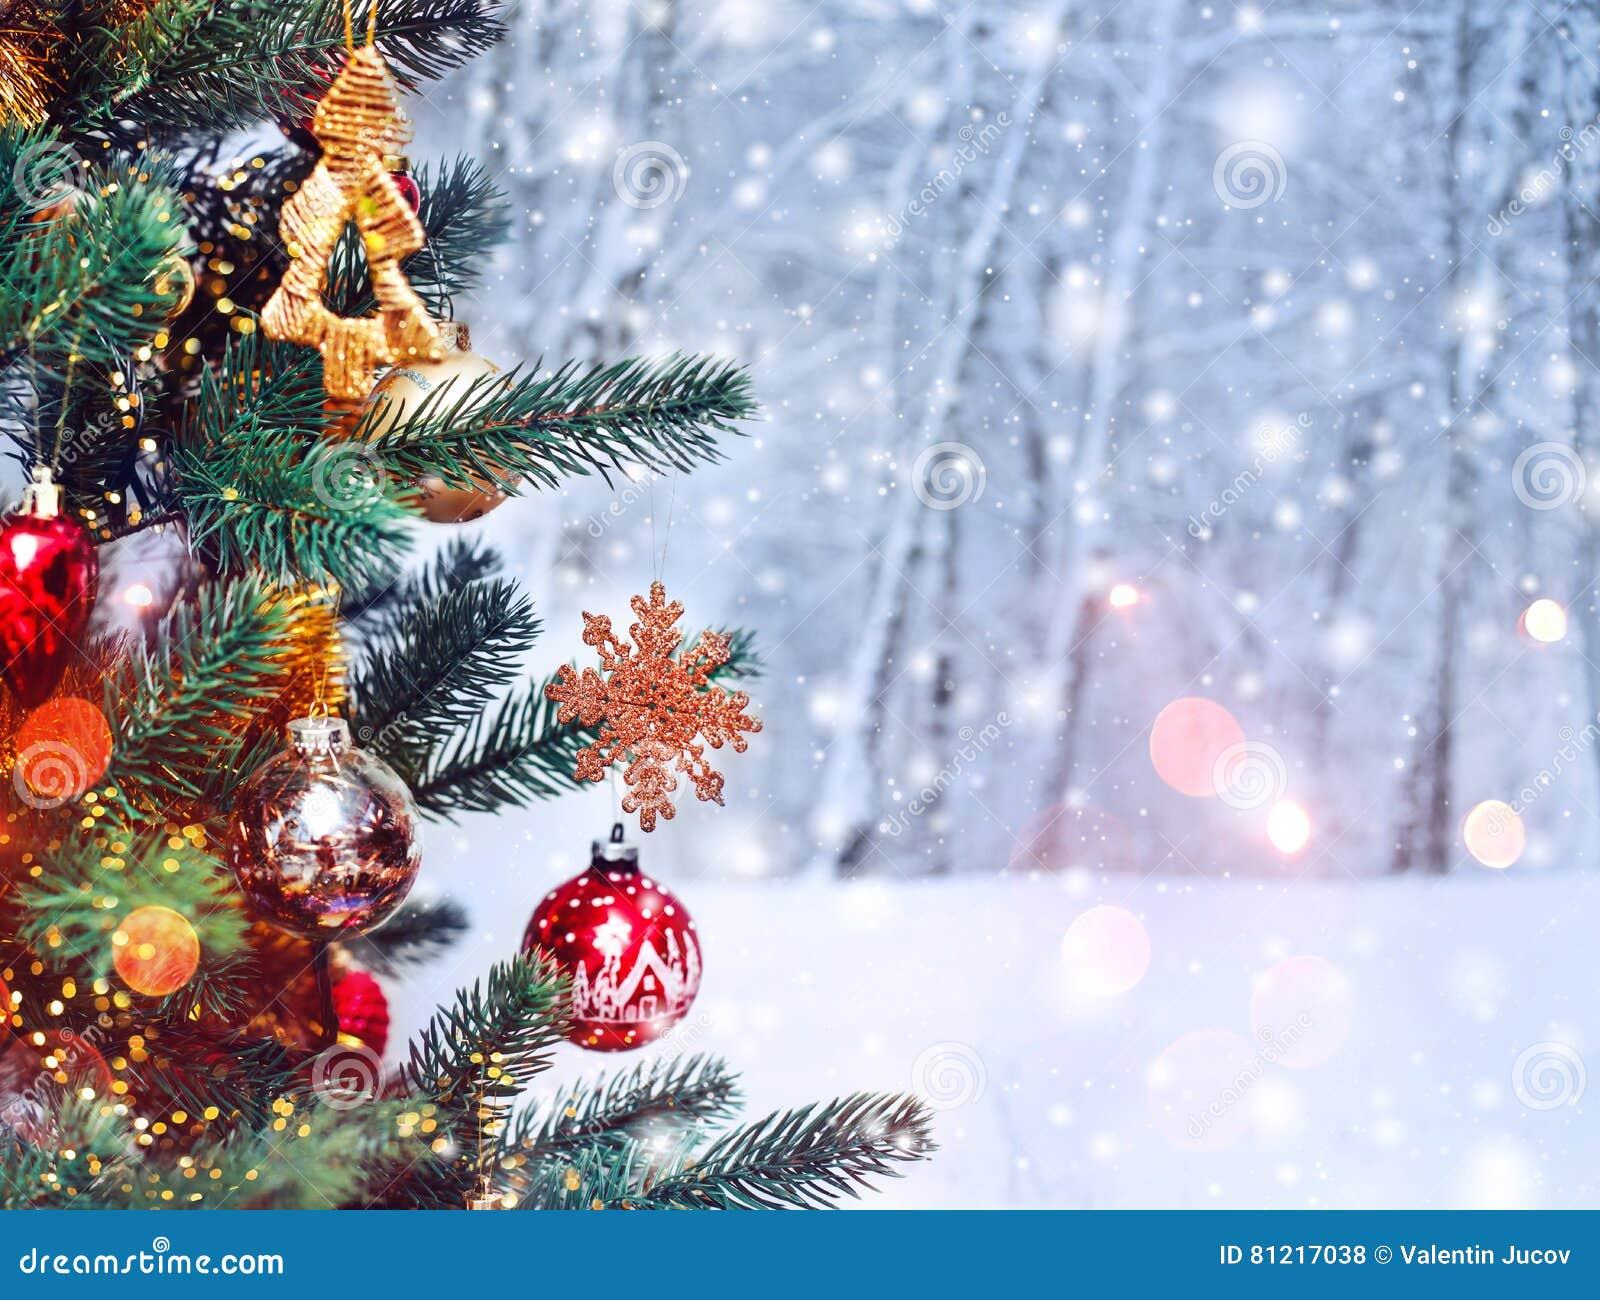 Fondo Dellalbero Di Natale E Decorazioni Di Natale Con Neve Vago